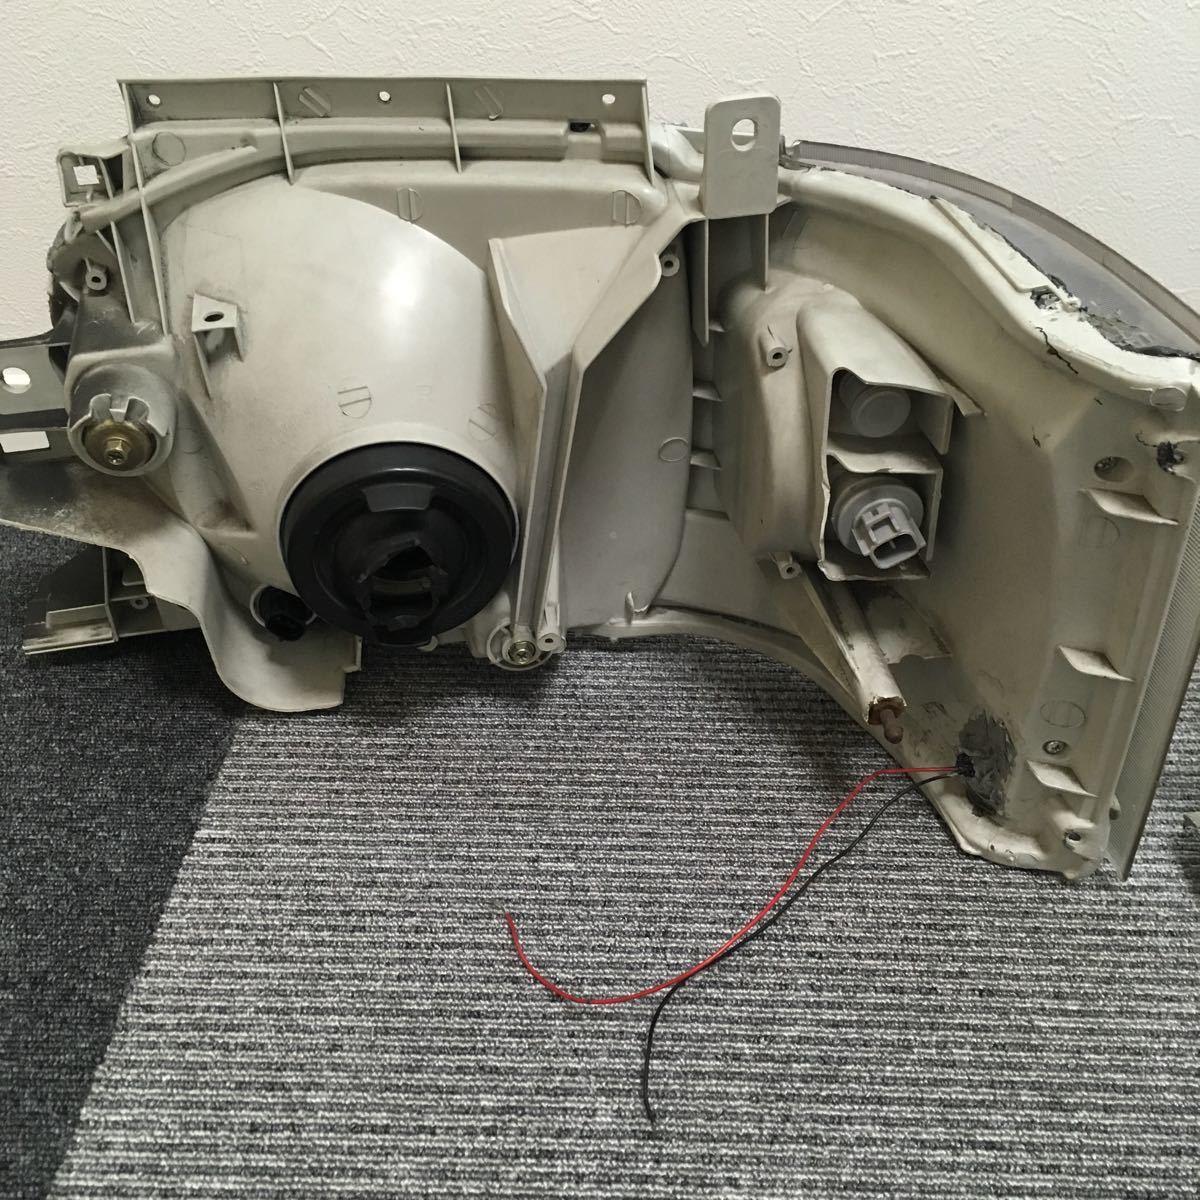 中古 200系 2型 ハイエース カスタムヘッドライト左右セット LEDウインカー ブラックアウト 加工品_画像6